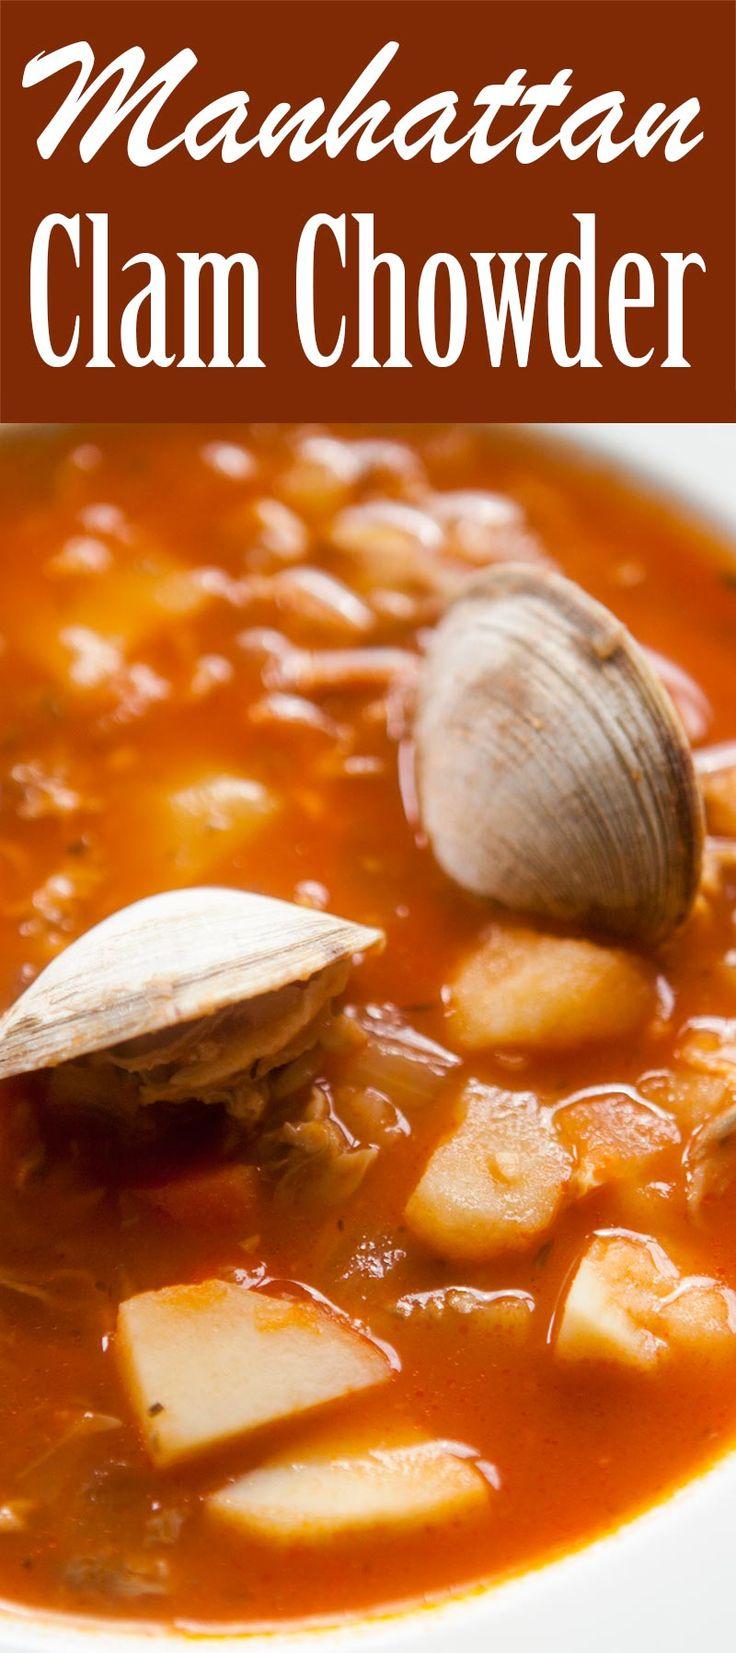 The 25+ best Manhattan clam chowder ideas on Pinterest ...